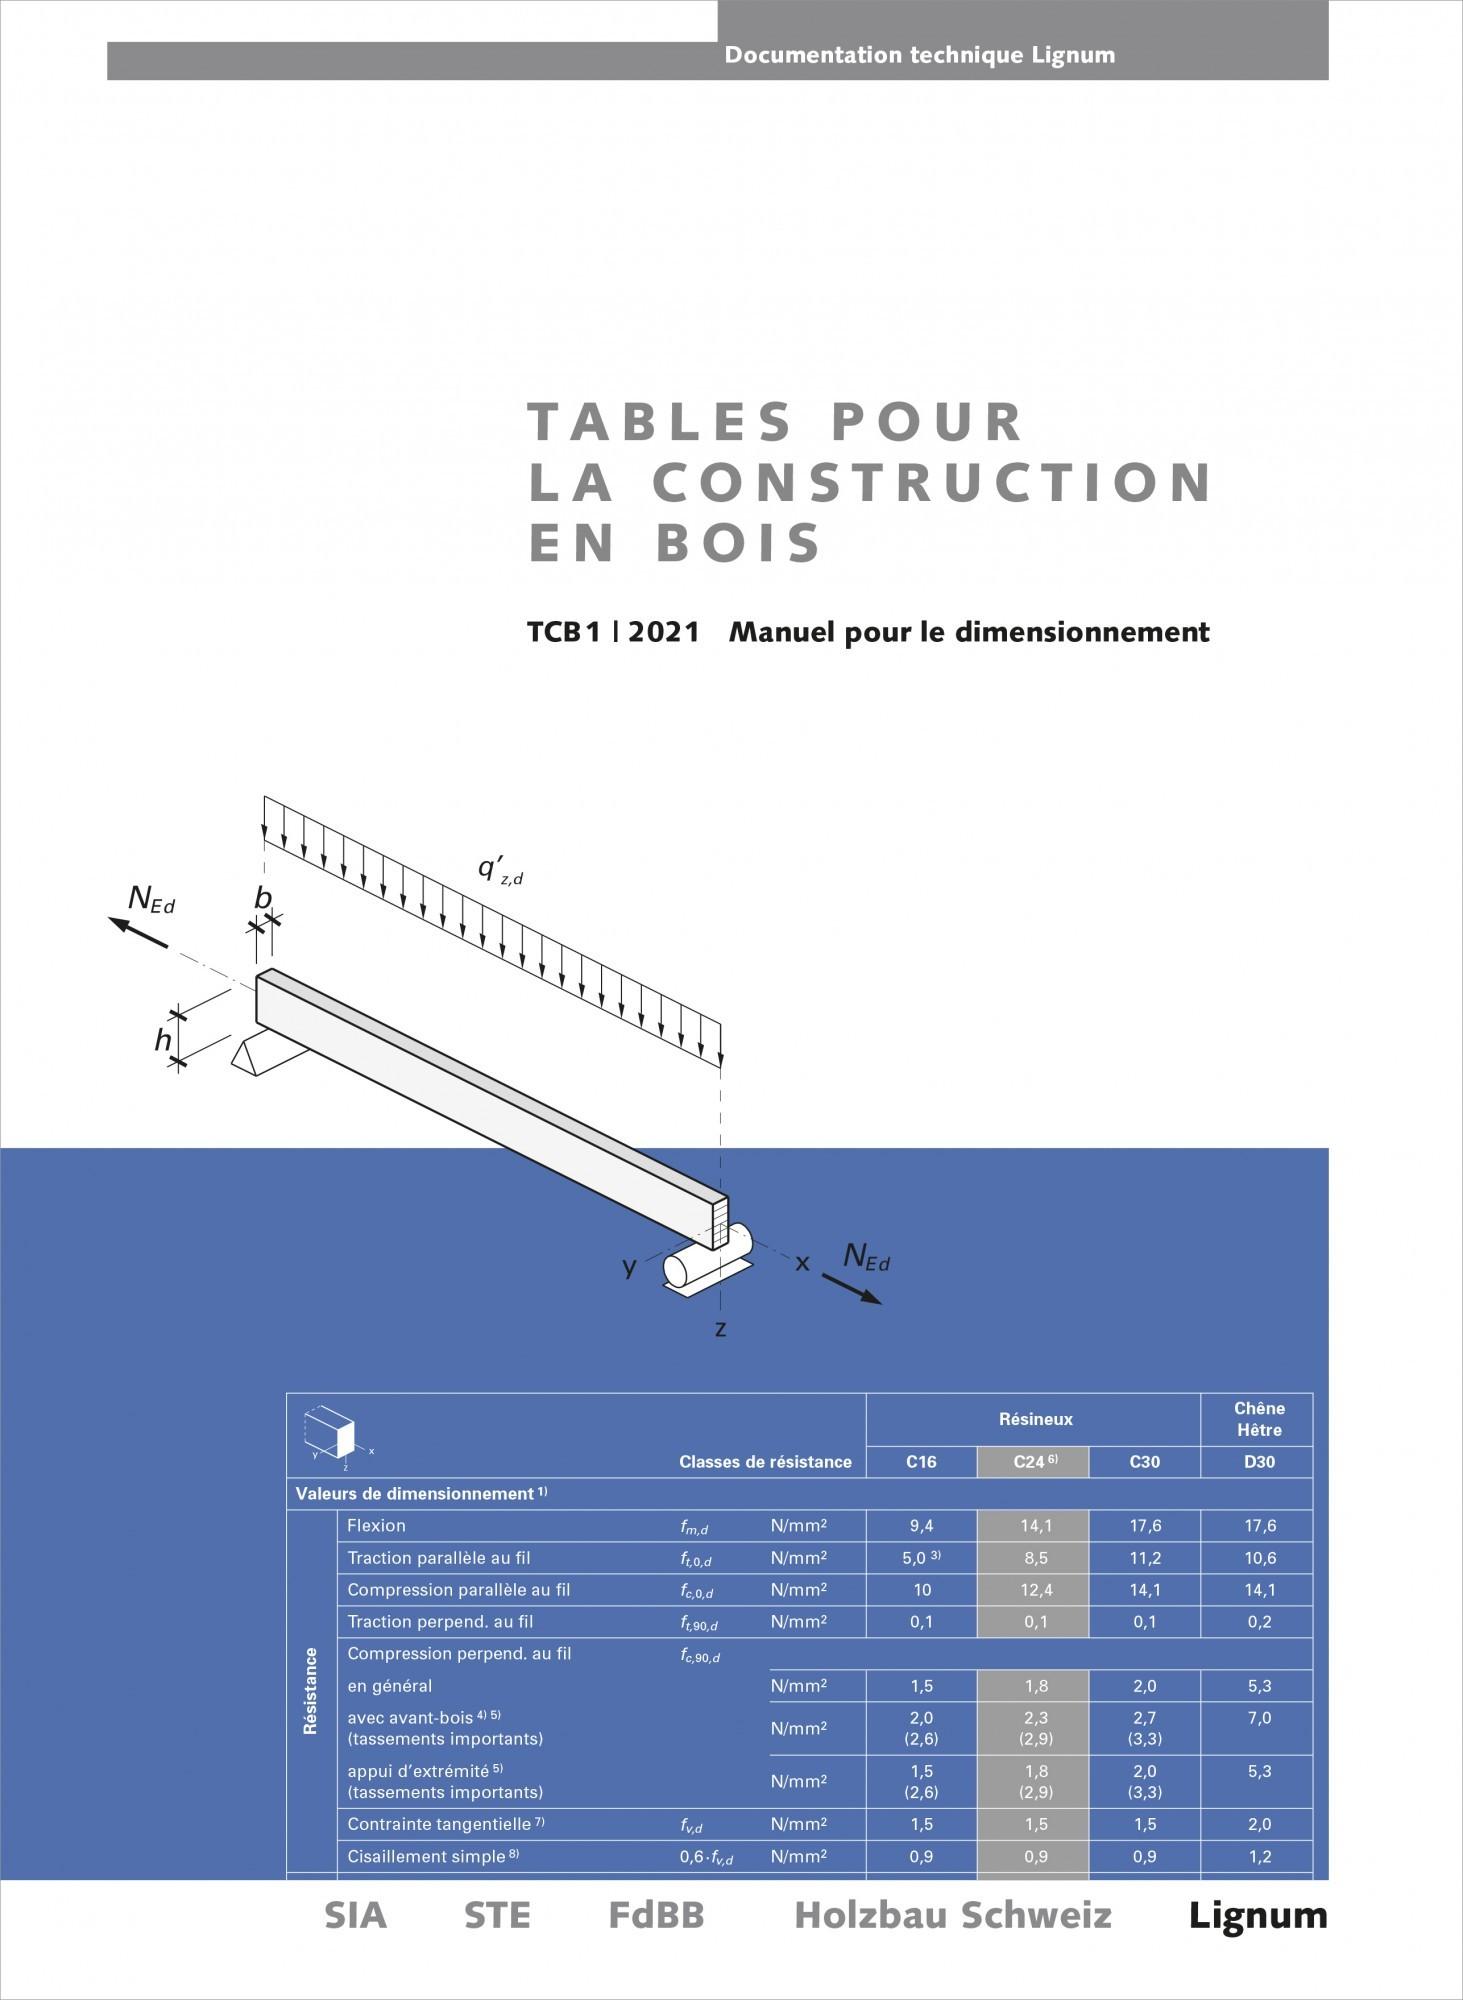 Tables pour la construction en bois , manuel pour le dimensionnement